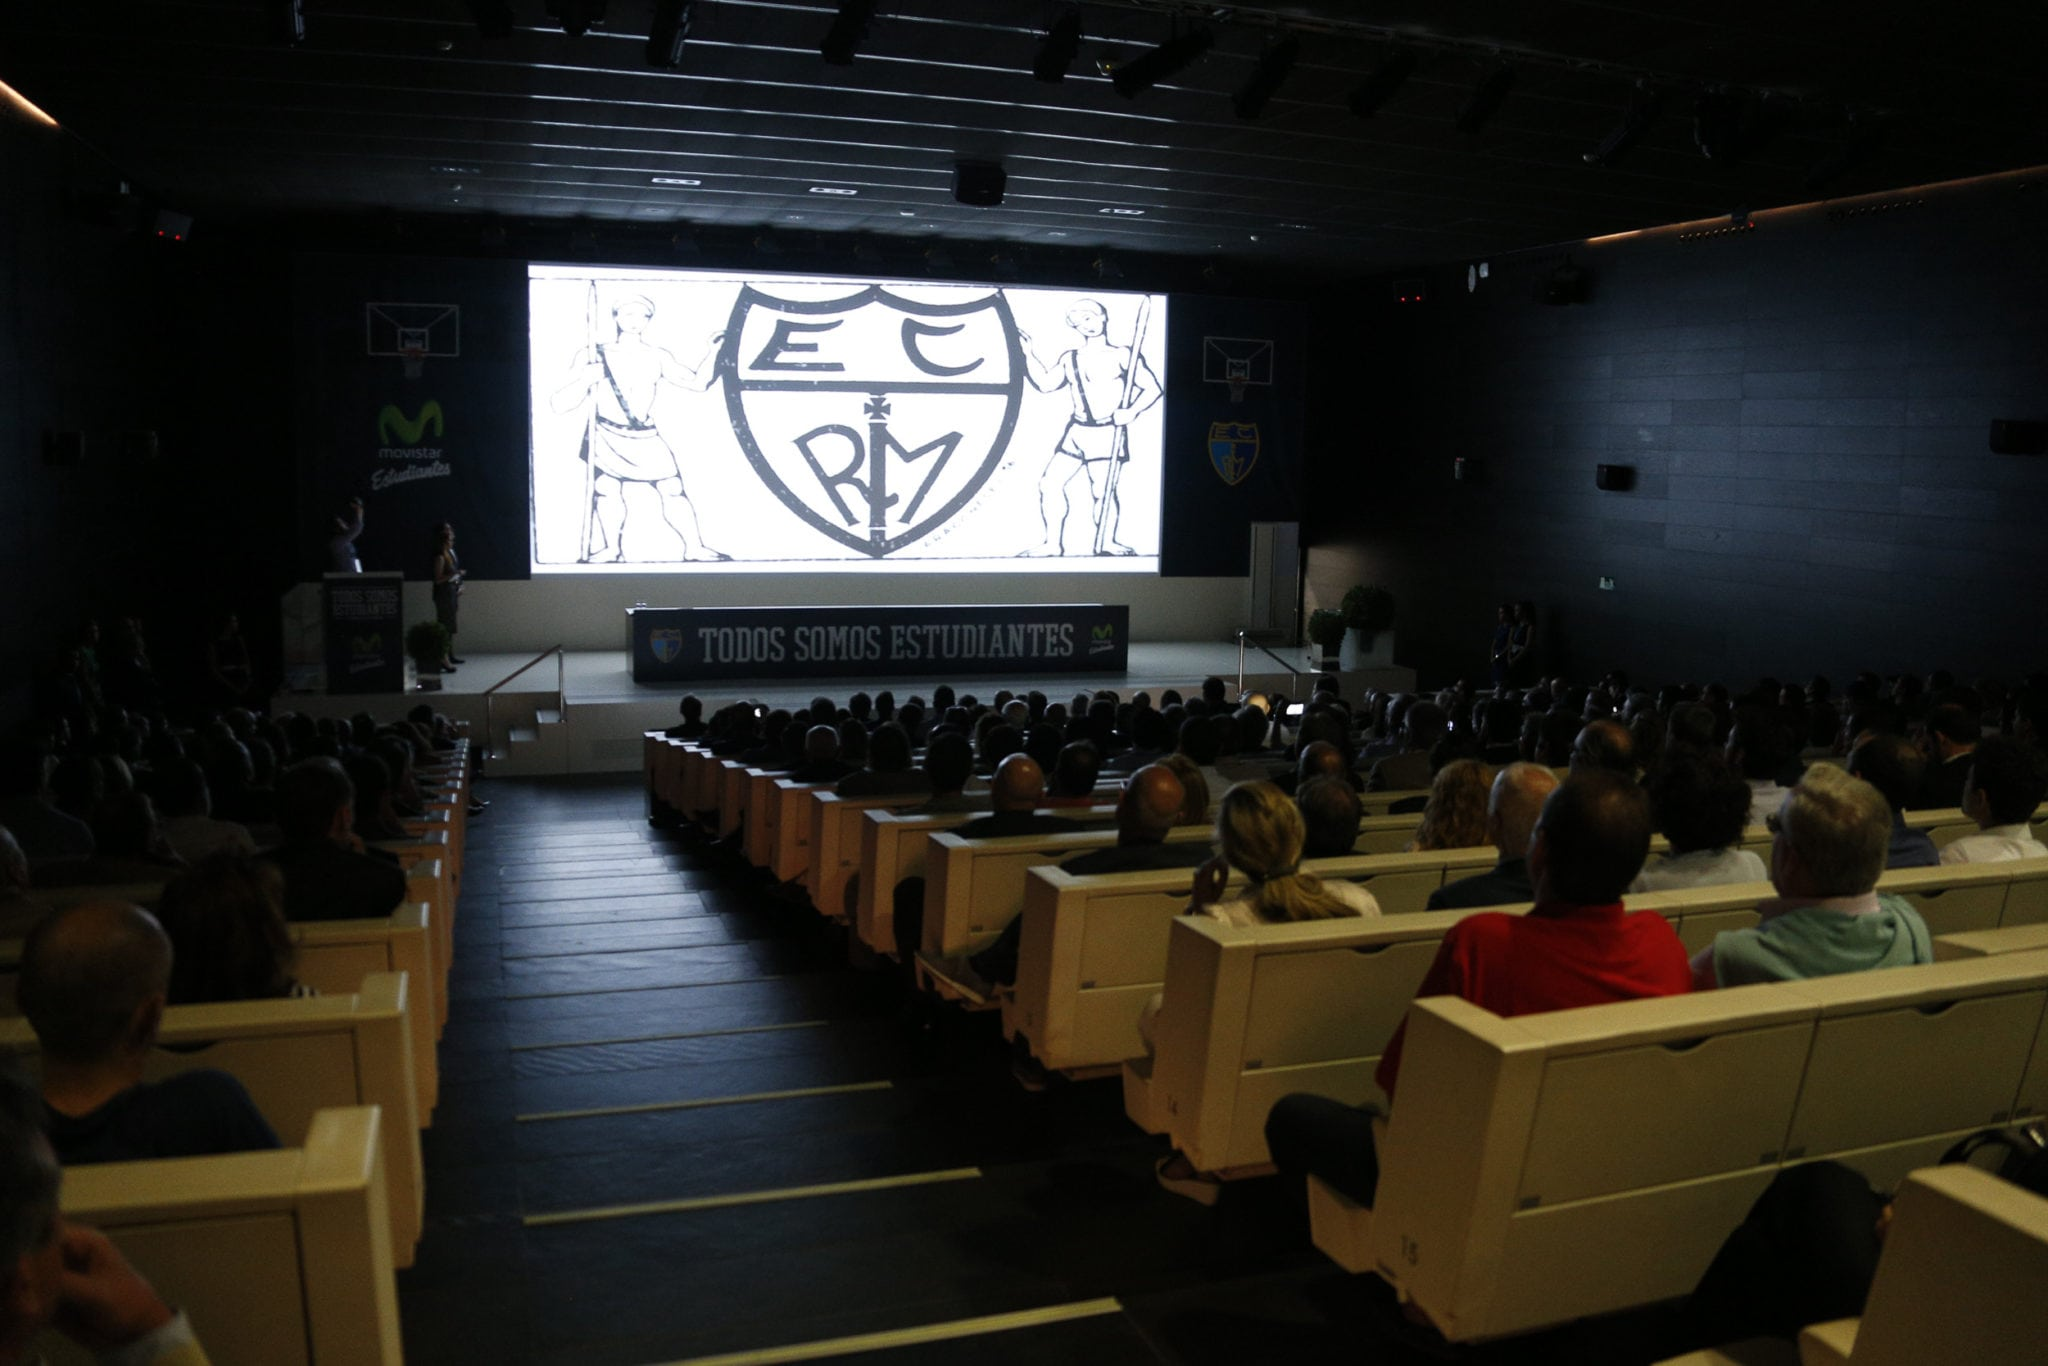 VÍDEO: El esqueleto Garibaldi nos cuenta la historia del club